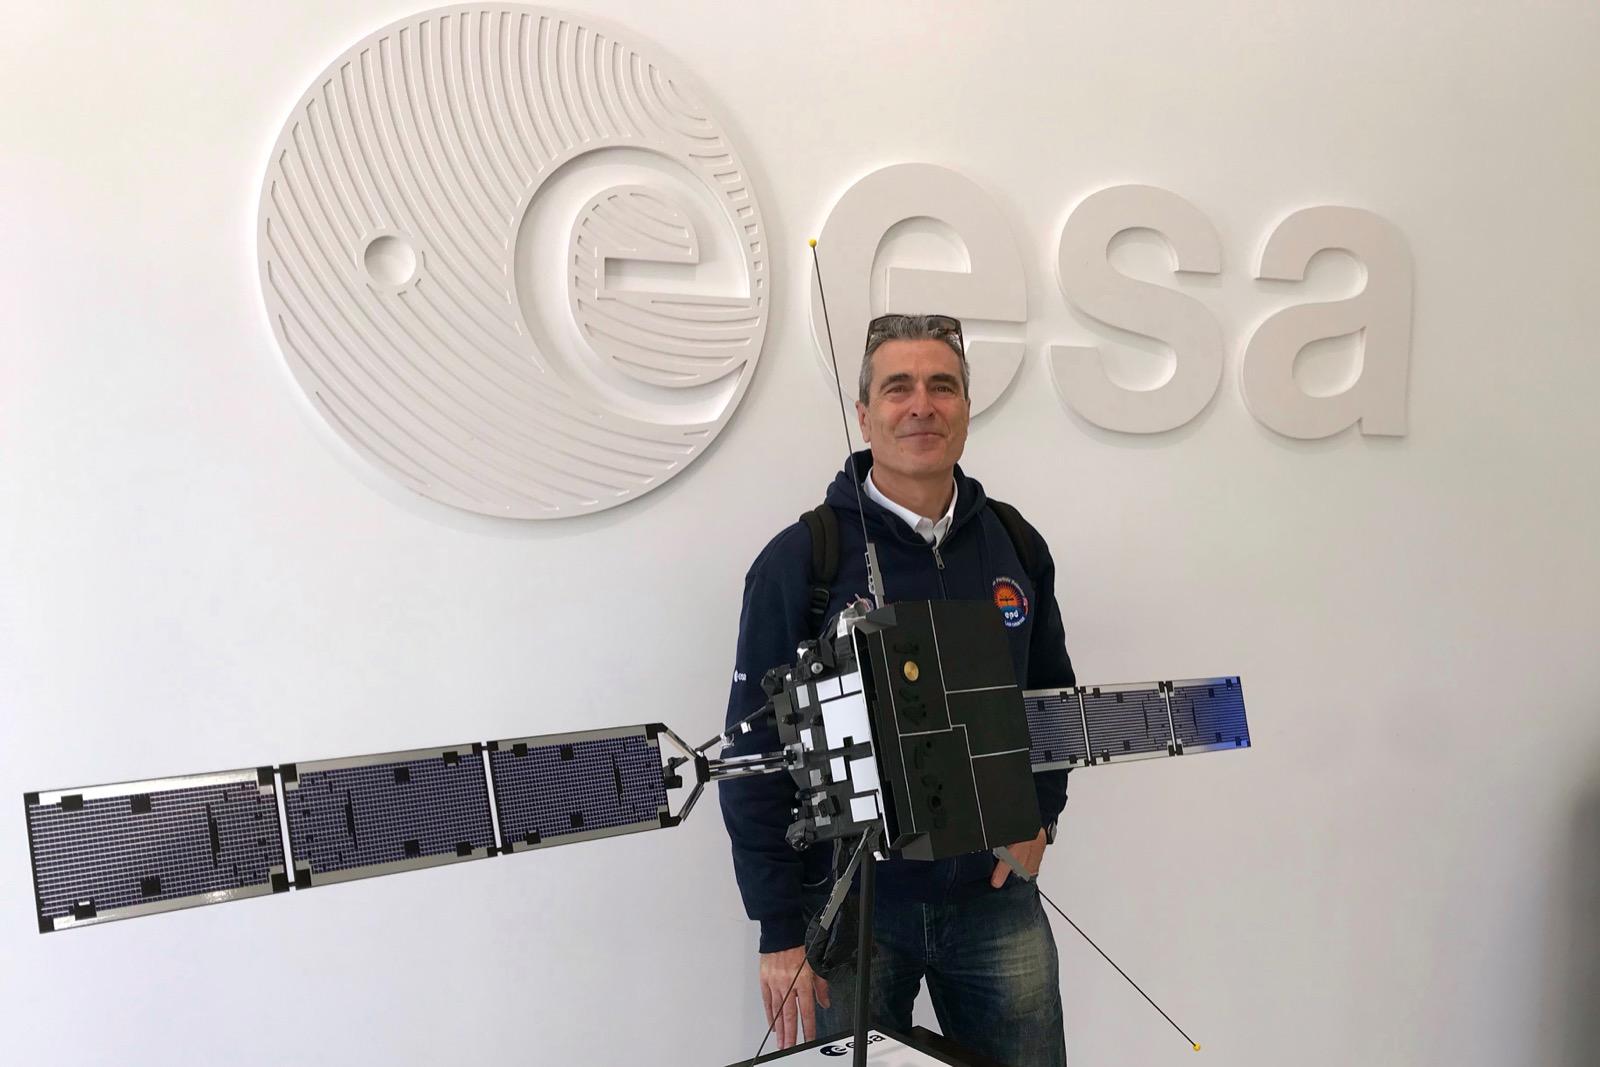 La Agencia Espacial Europea presentó el pasado 25 de abril la Misión Solar Orbiter